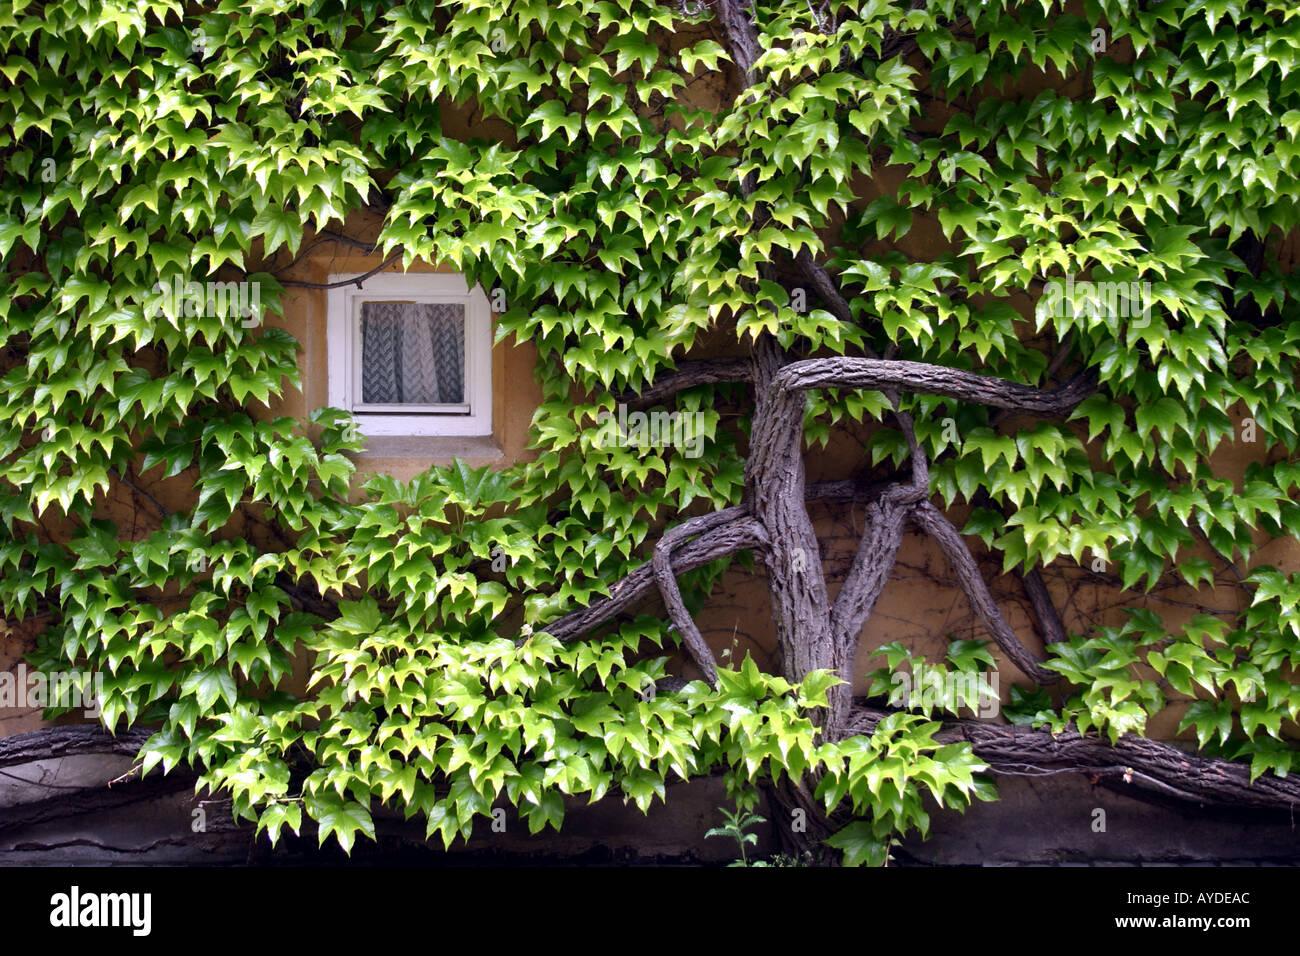 Die älteste Sozialsiedlung Fuggerei in der Welt Augsburg Bayern Haus umgeben von Reben Stockfoto